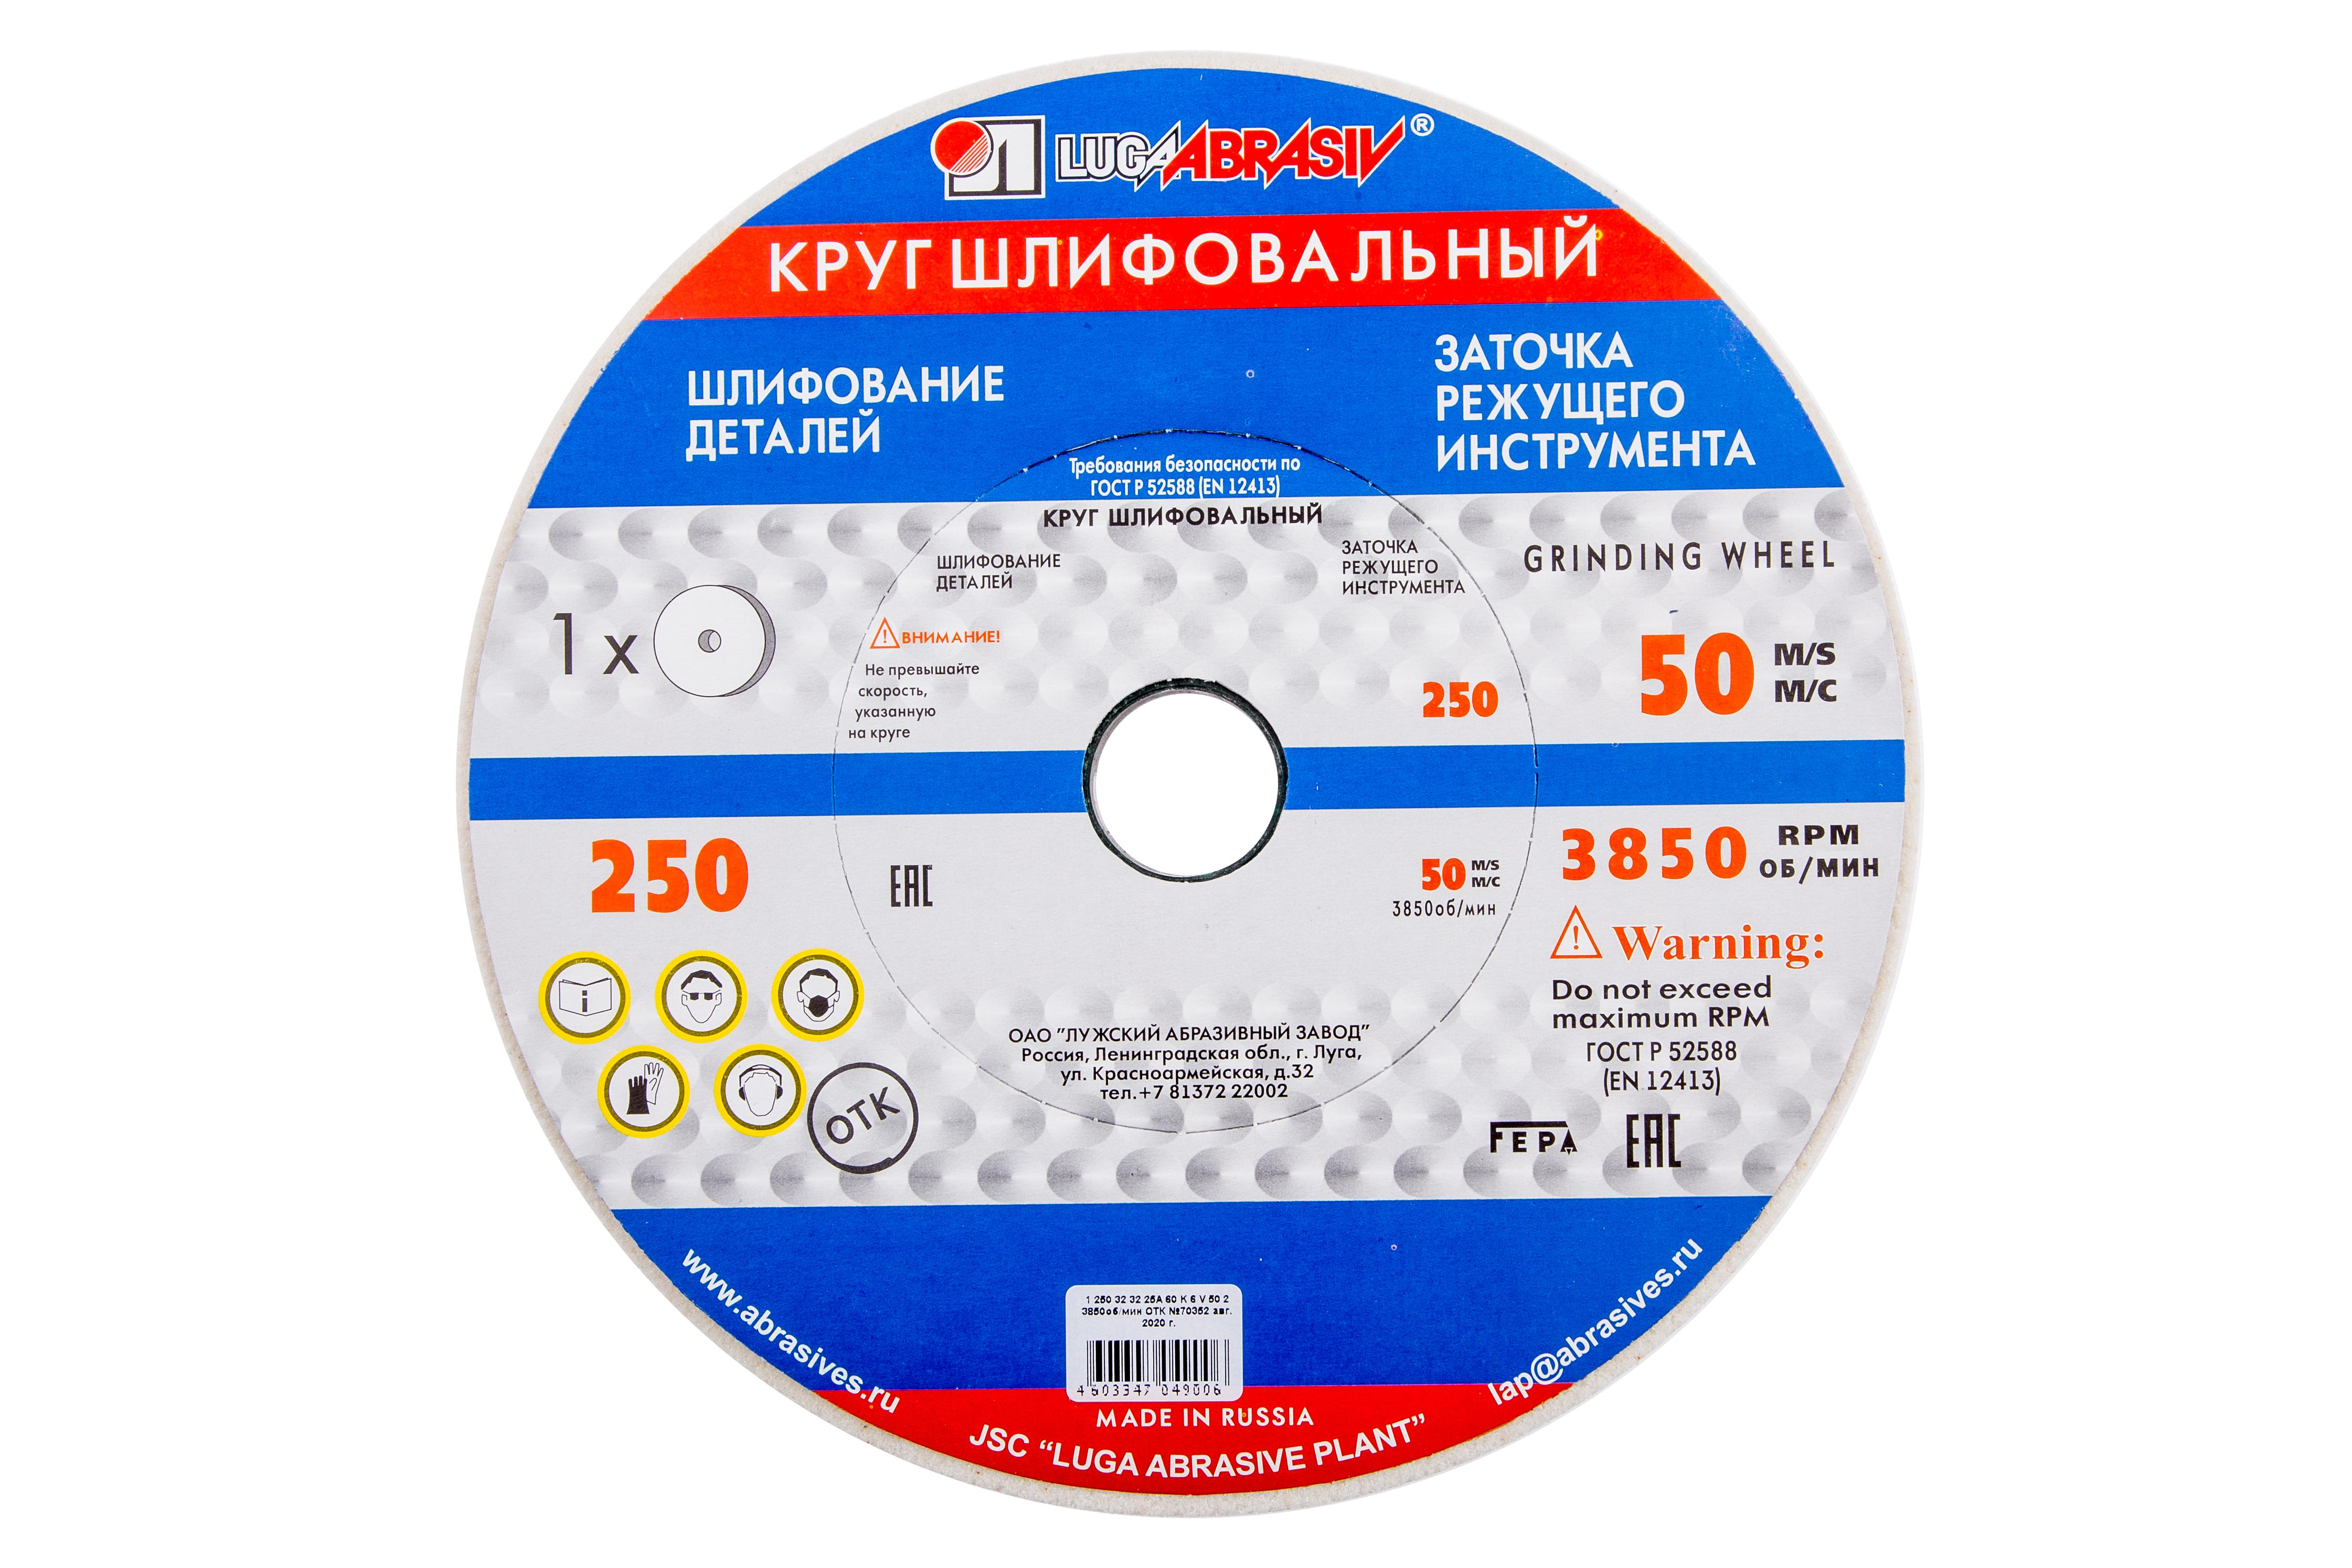 Круг шлифовальный ЛУГА-АБРАЗИВ 1 250 Х 32 Х 32 25А 60 k,l круг шлифовальный луга абразив 1 350 х 63 х 203 25а 40 k l